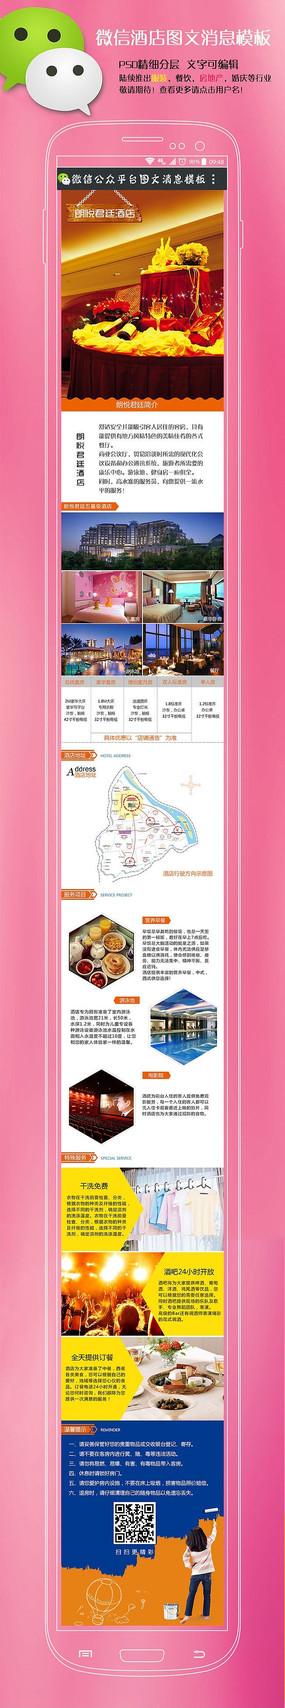 微信图文消息酒店模板素材